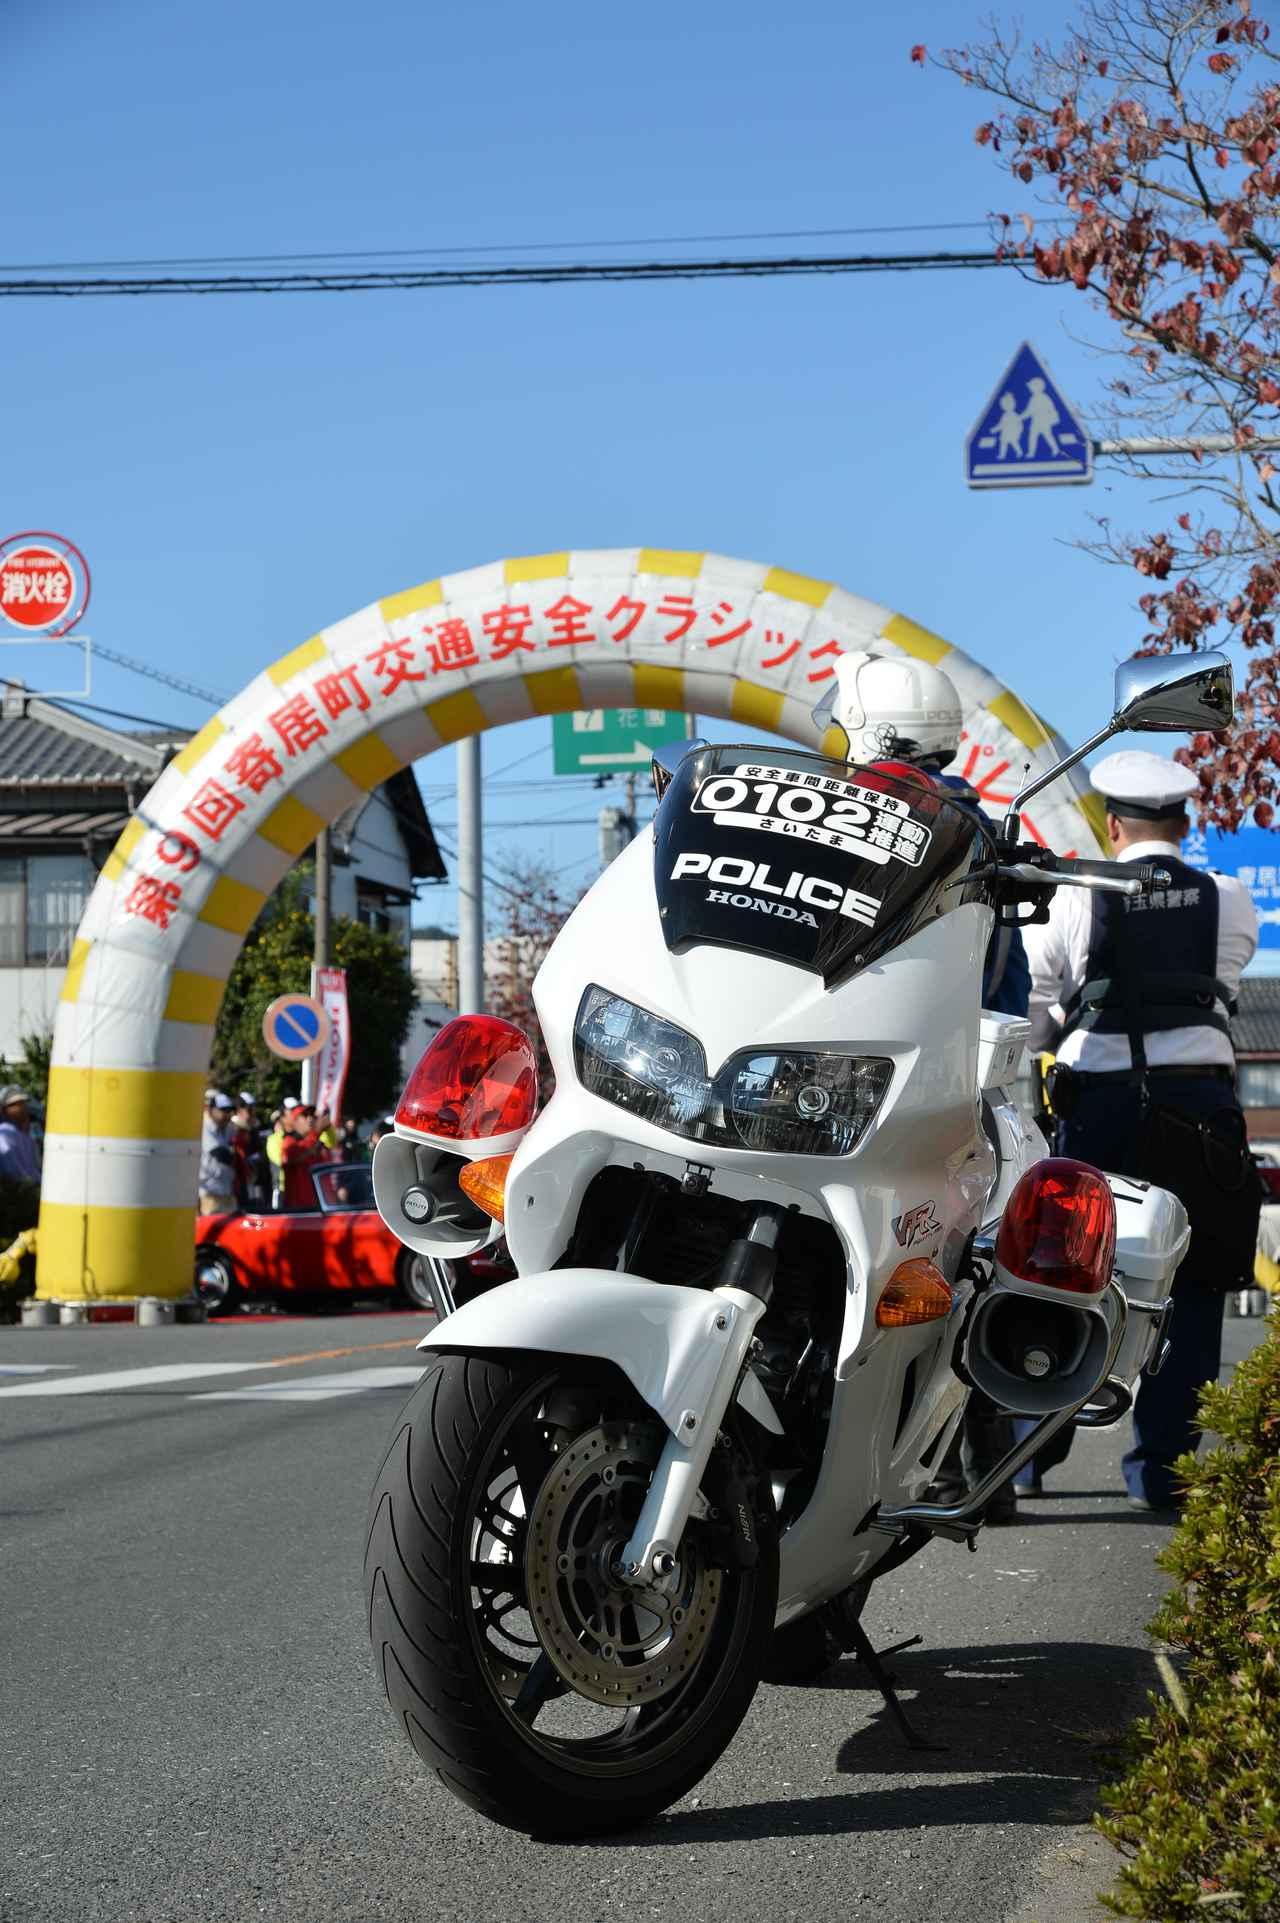 Images : 4番目の画像 - イベントの様子をクリックで拡大! - A Little Honda | ア・リトル・ホンダ(リトホン)